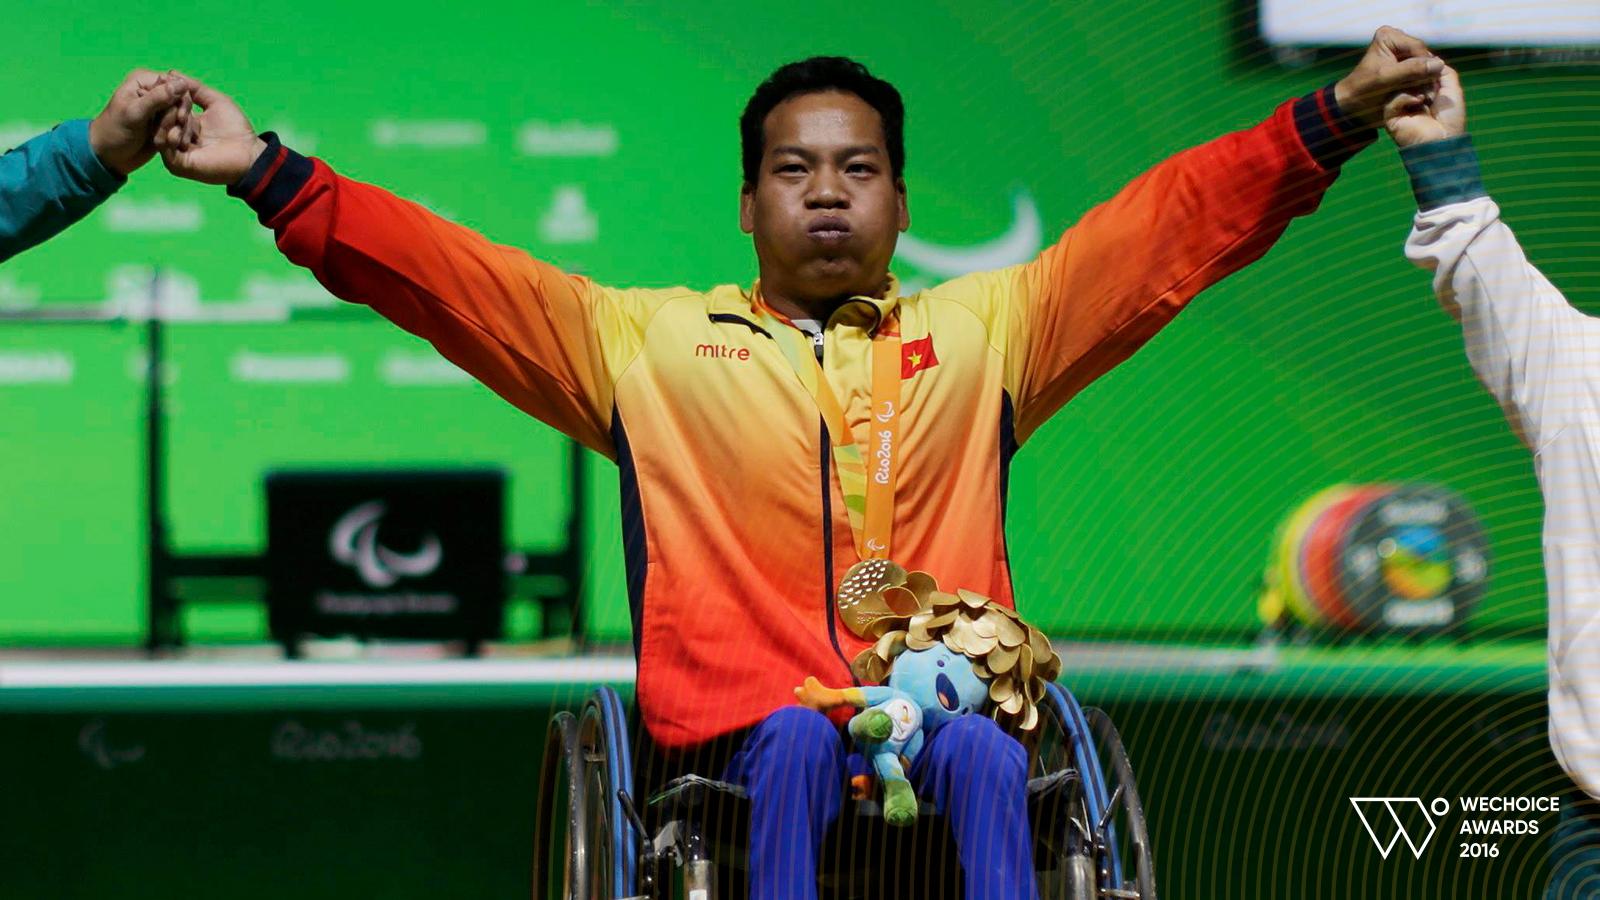 """Lê Văn Công - """"Khi ý thức được mình thiếu đôi chân thì đôi tay tôi đã mạnh mẽ lắm rồi!"""" - Ảnh 11."""